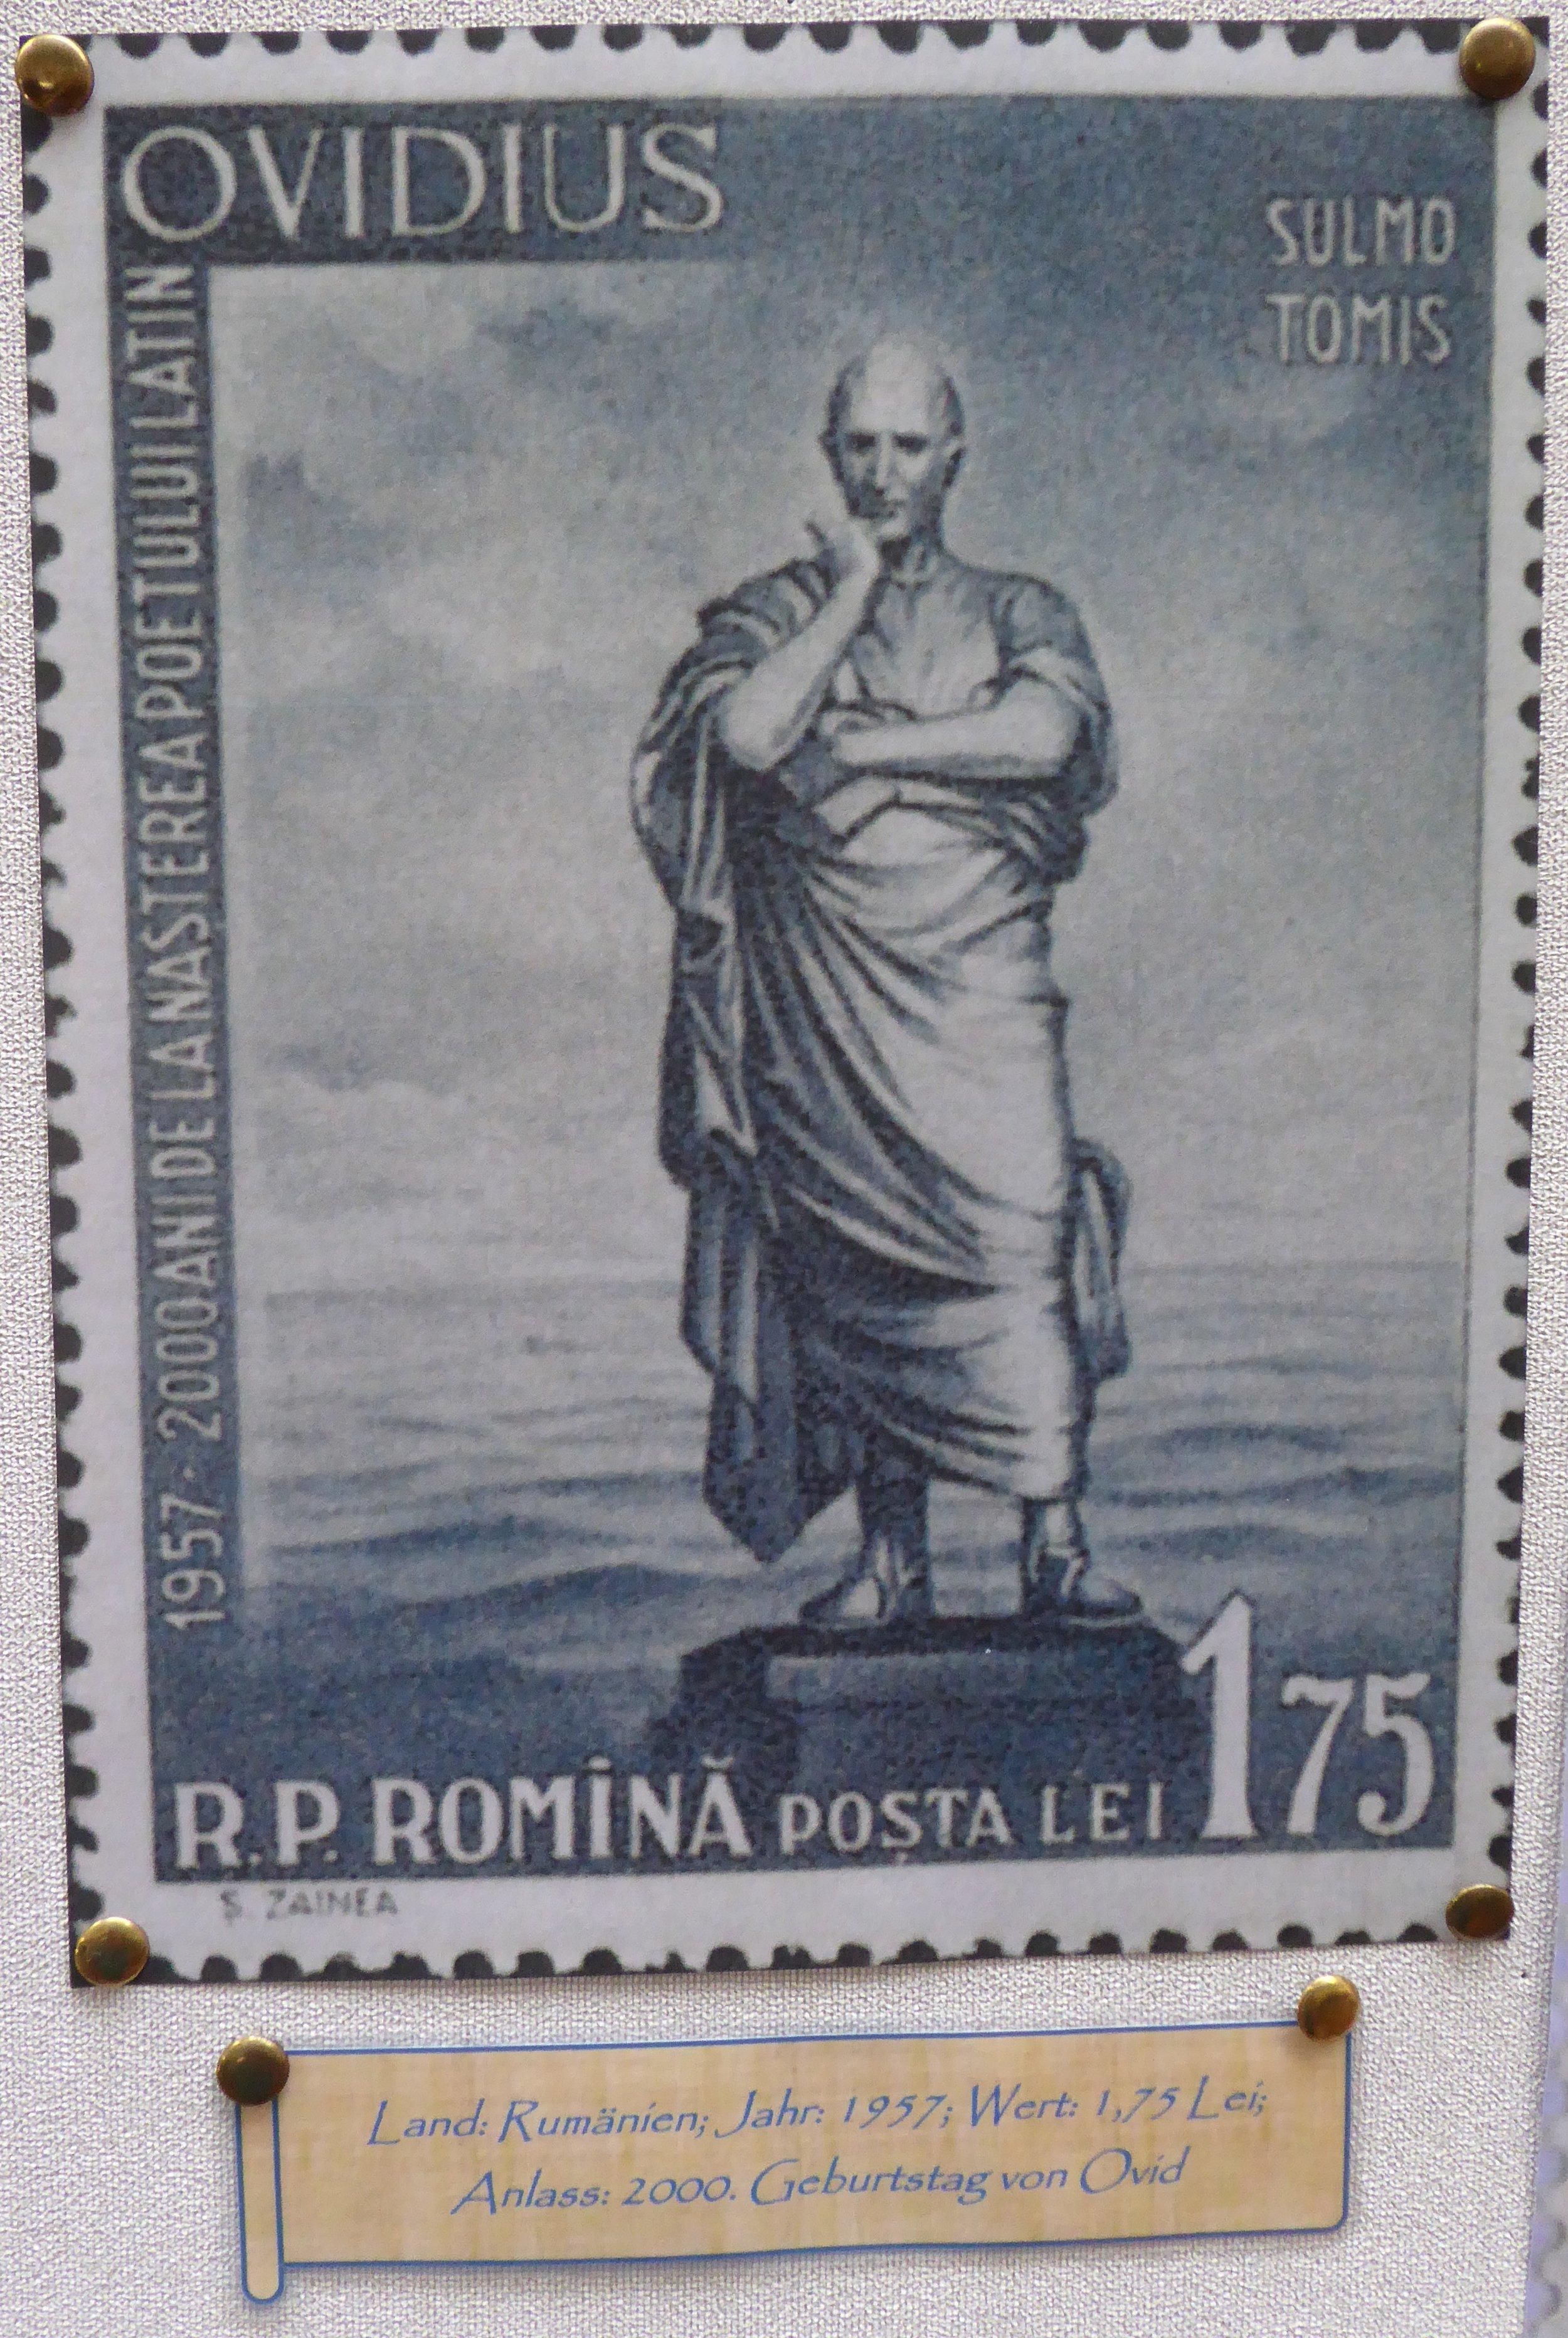 Ovid - Briefmarke 1.JPG